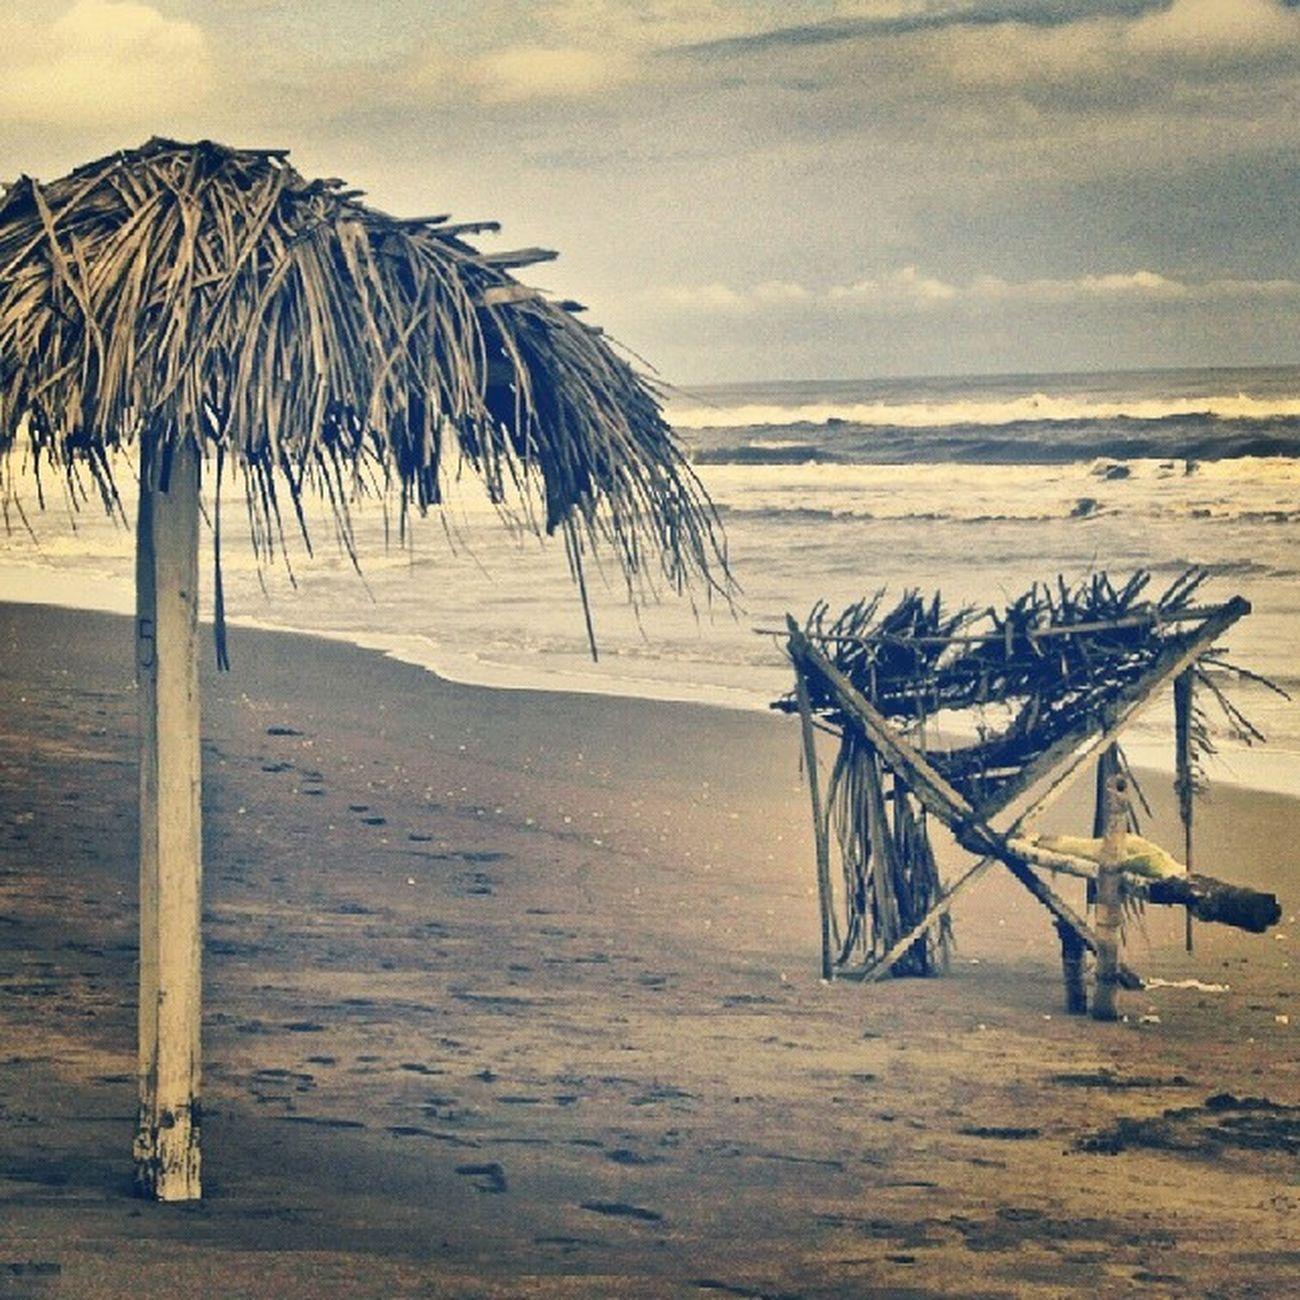 Tras el norte Mexico Veracruz Casitas Playa mar costa esmeralda sea sky nature landscape igersmexico vive_mexico photojournalism mxdelosmx flickr